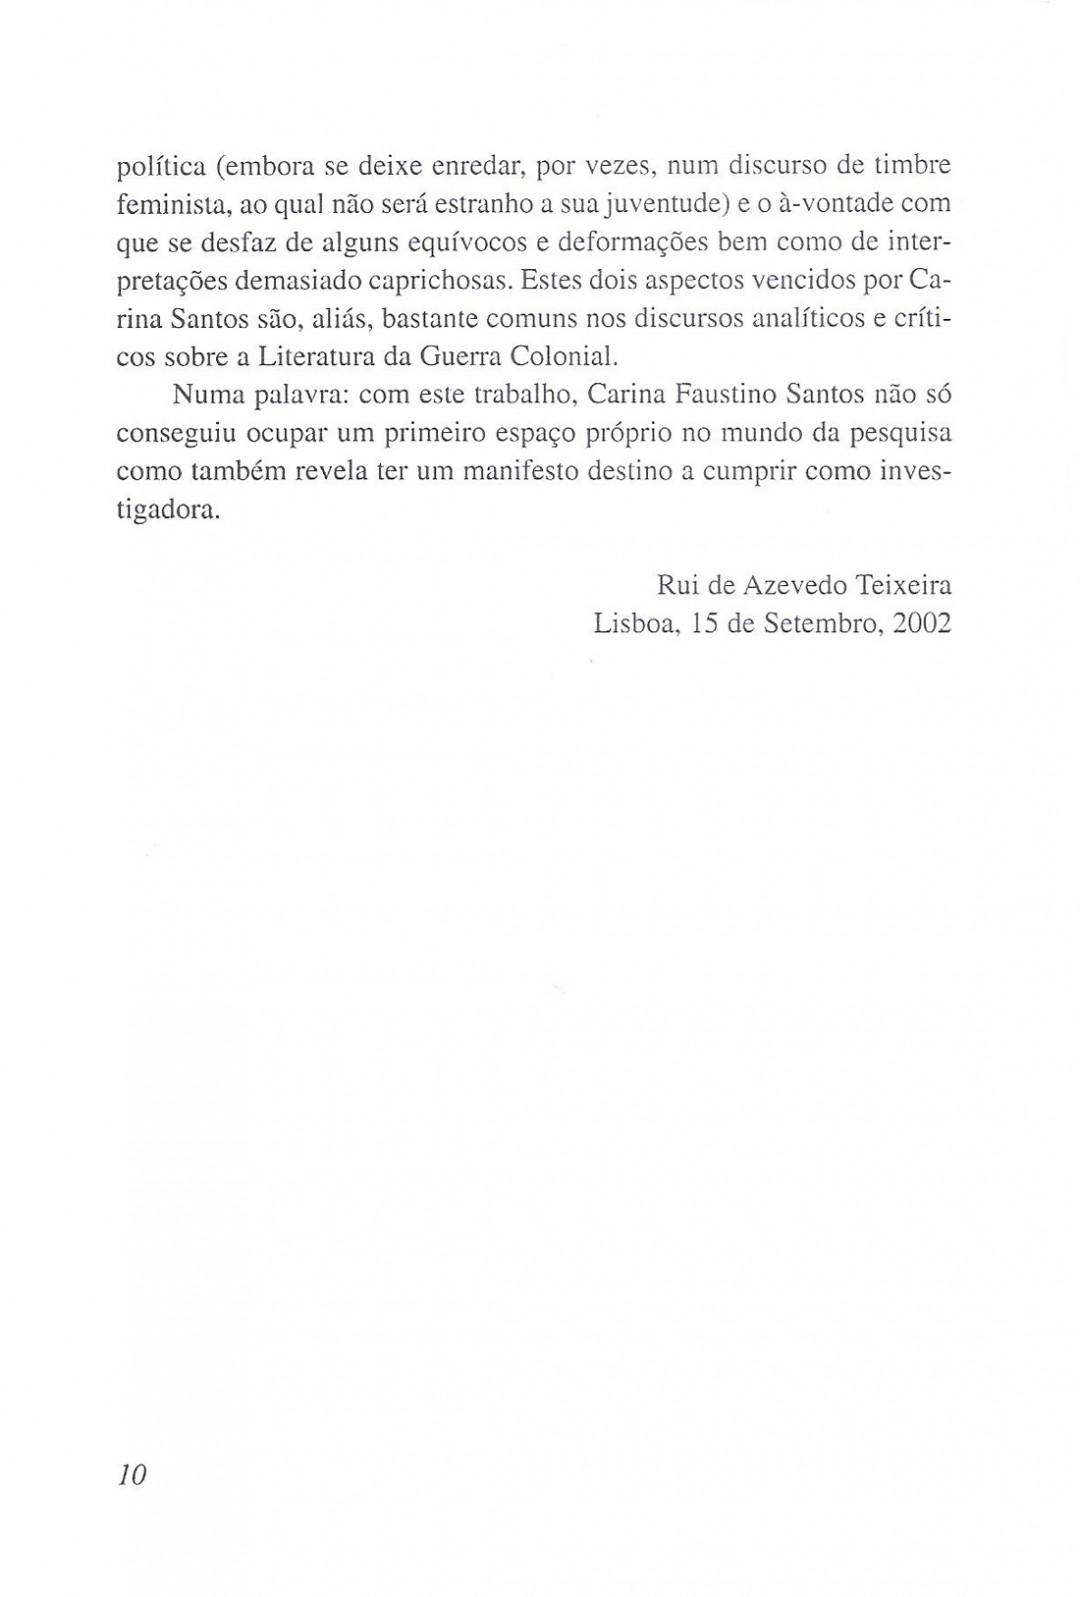 8. A Escrita Feminina e a Guerra Colonial